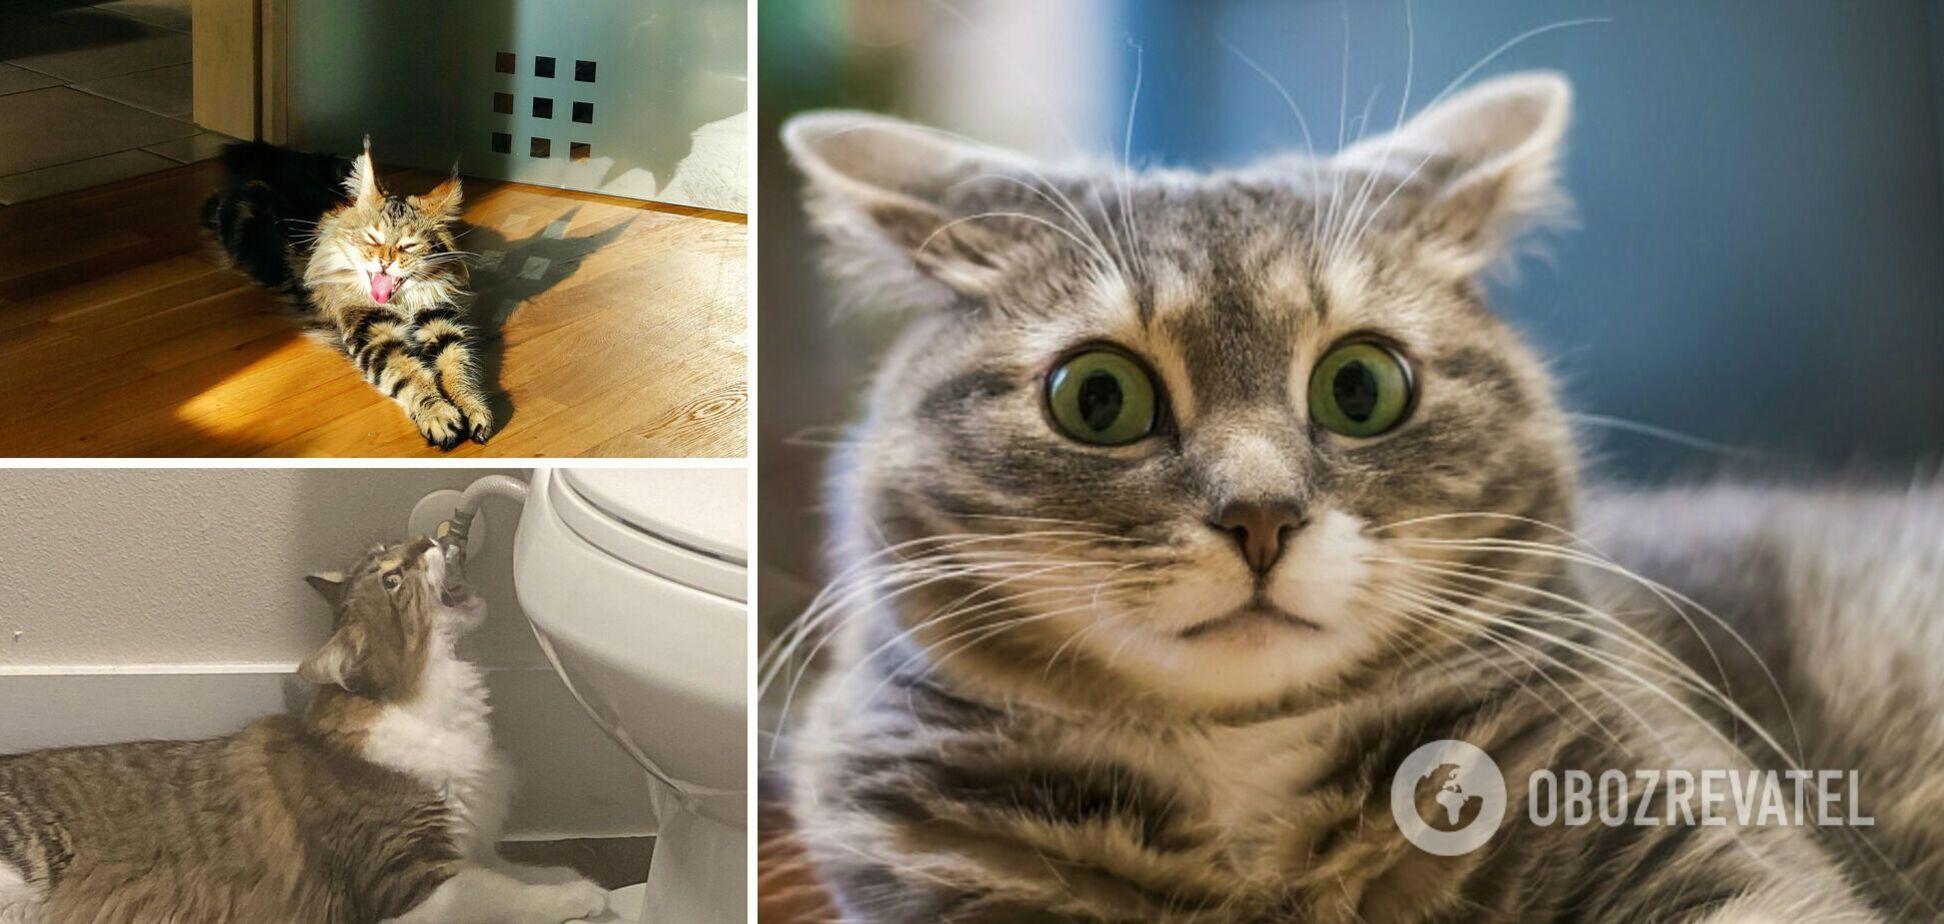 Забавные коты рассмешили сеть